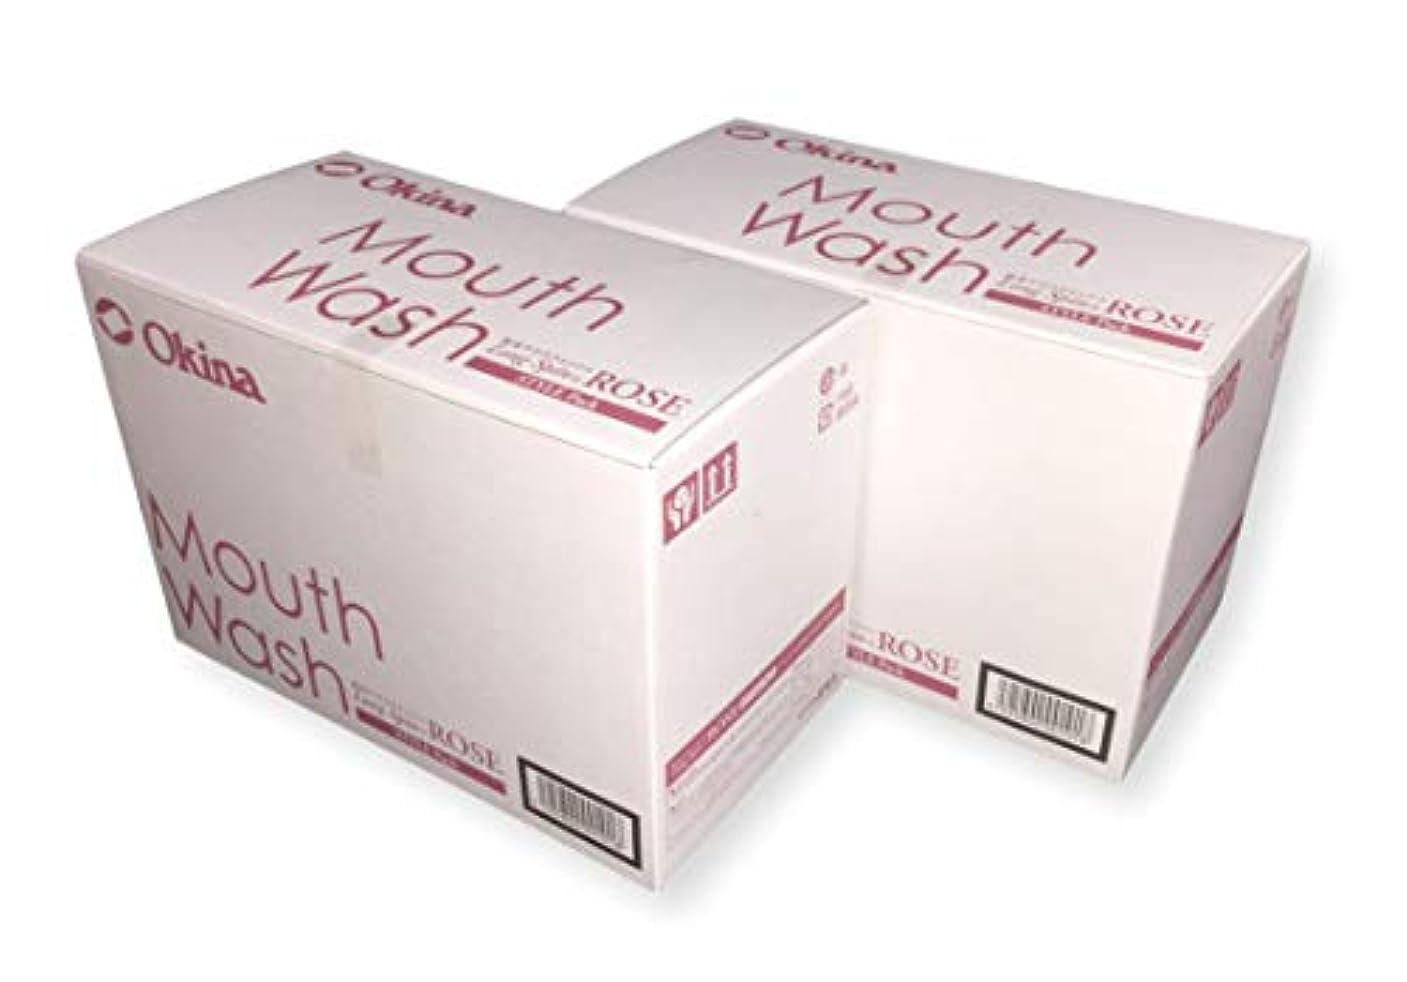 集めるアライメント豆オキナ マウスウォッシュ ロングスピン スタイルパック ROSE お得な2箱セット(100入りx2箱) LS-RS